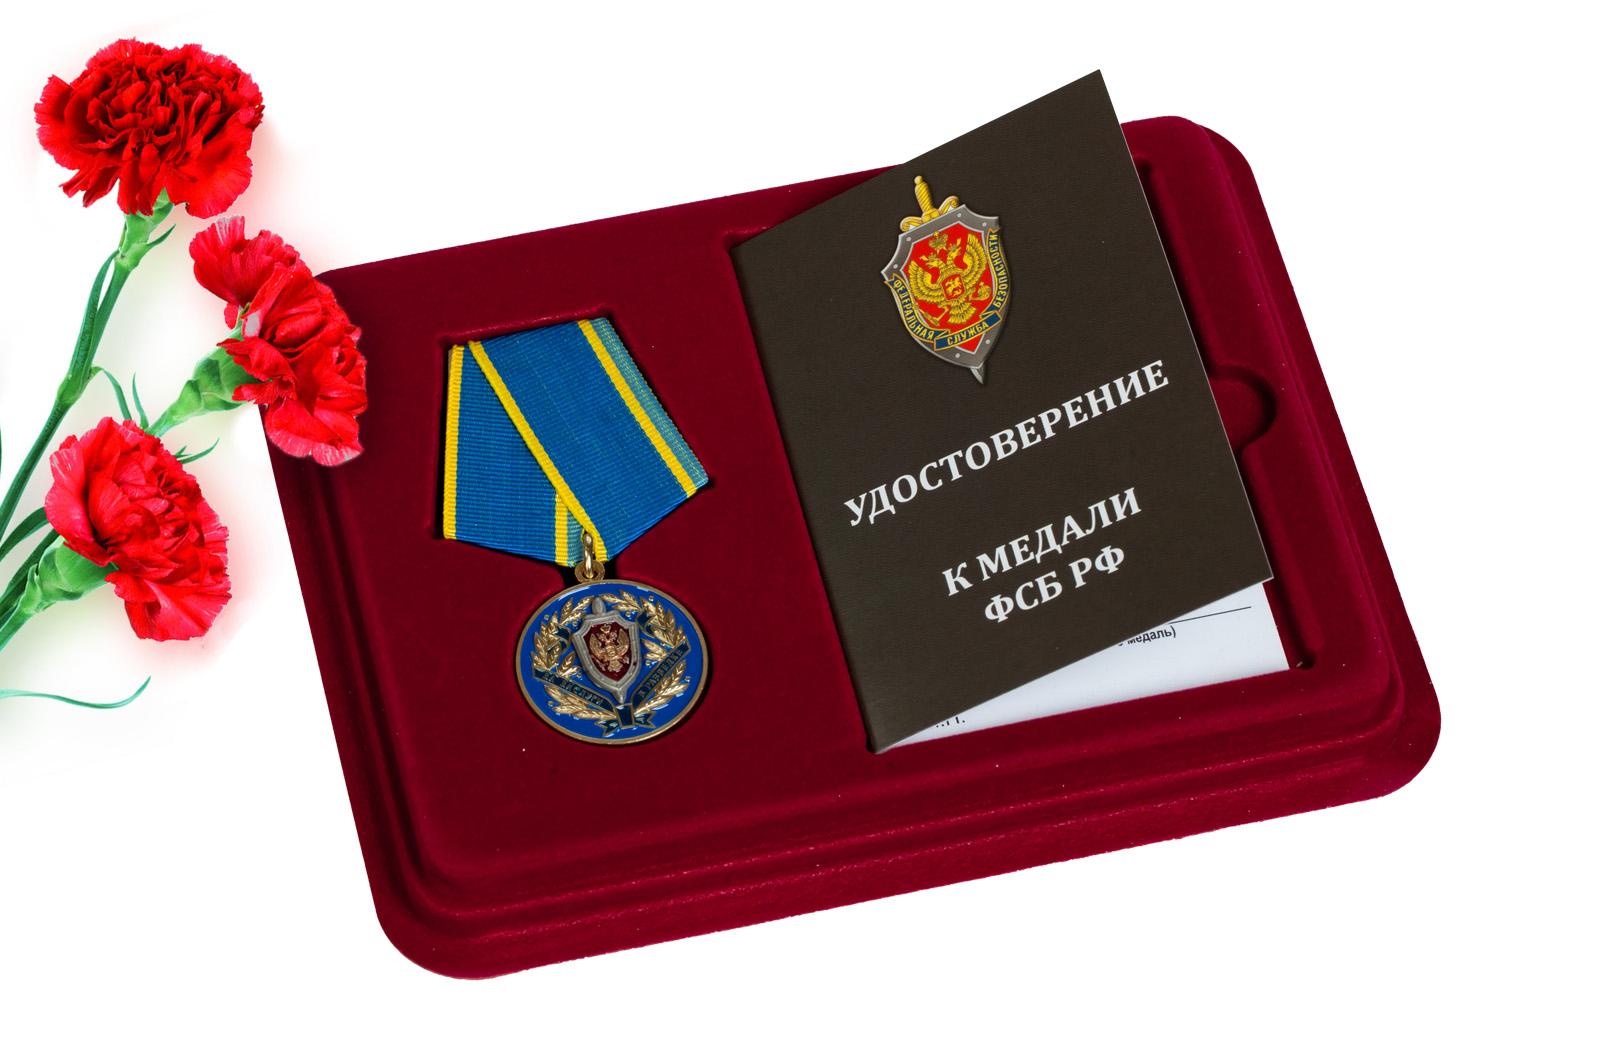 Купить медаль ФСБ России За заслуги в разведке в подарок